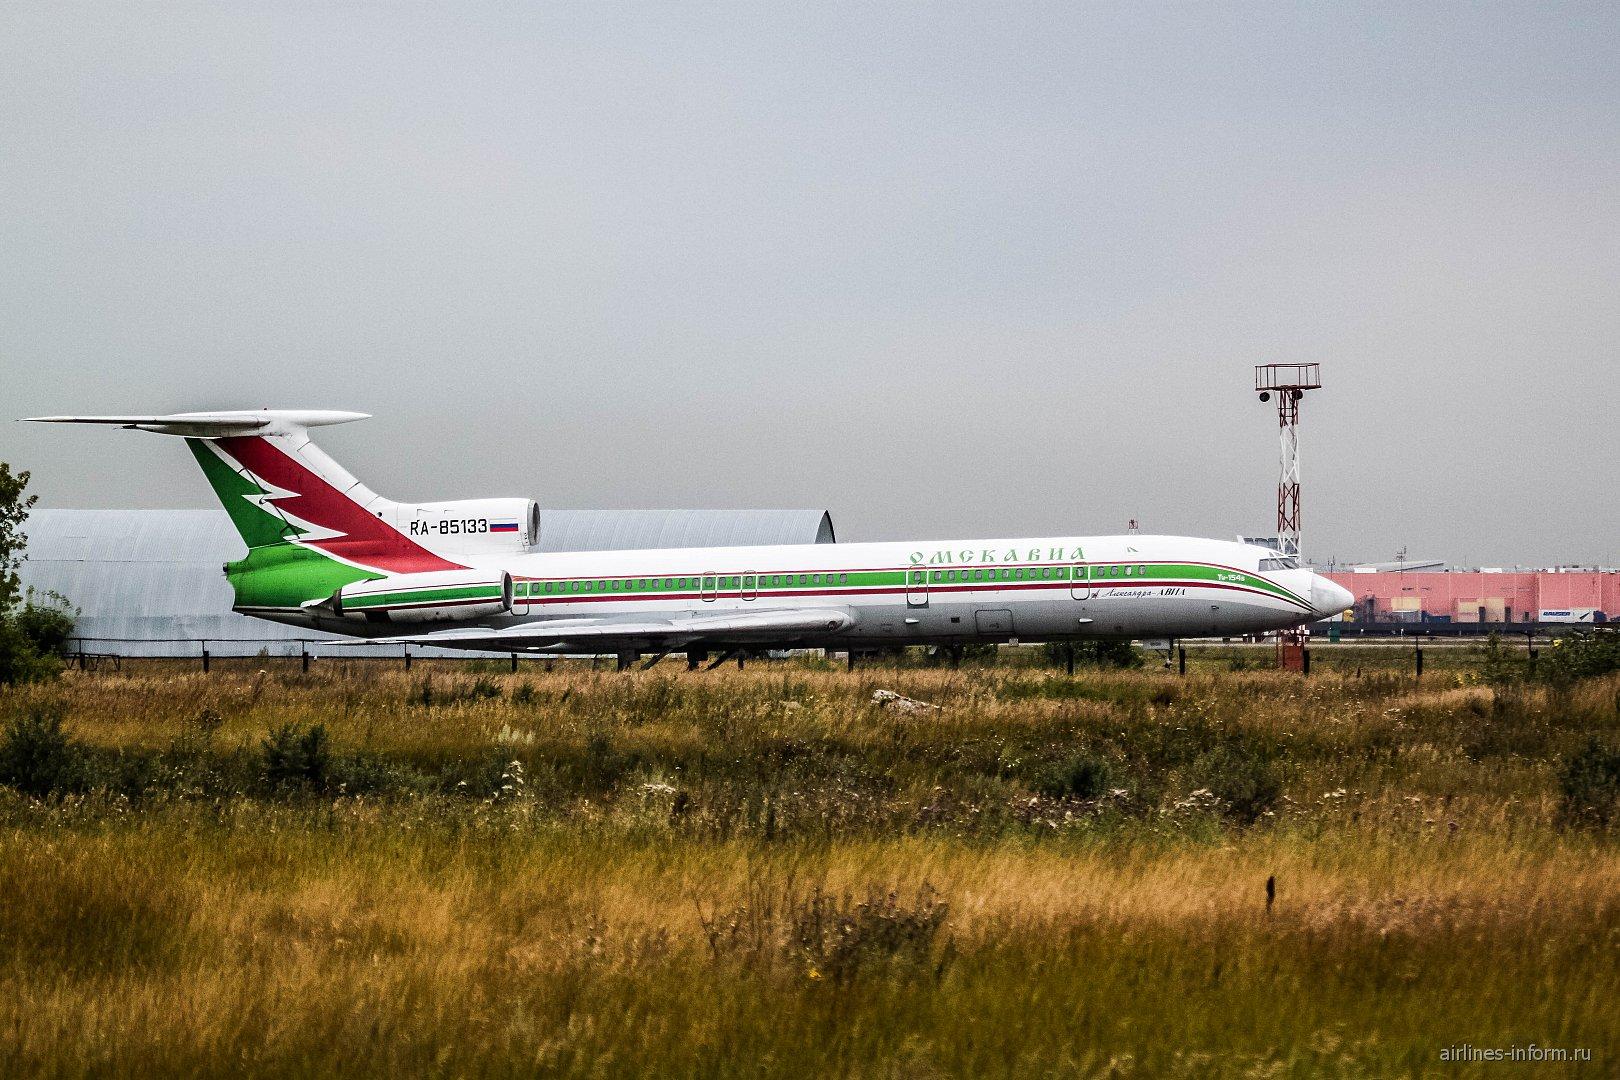 """Самолет Ту-154 RA-85133 """"Омскавиа"""" в аэропорту Омска"""